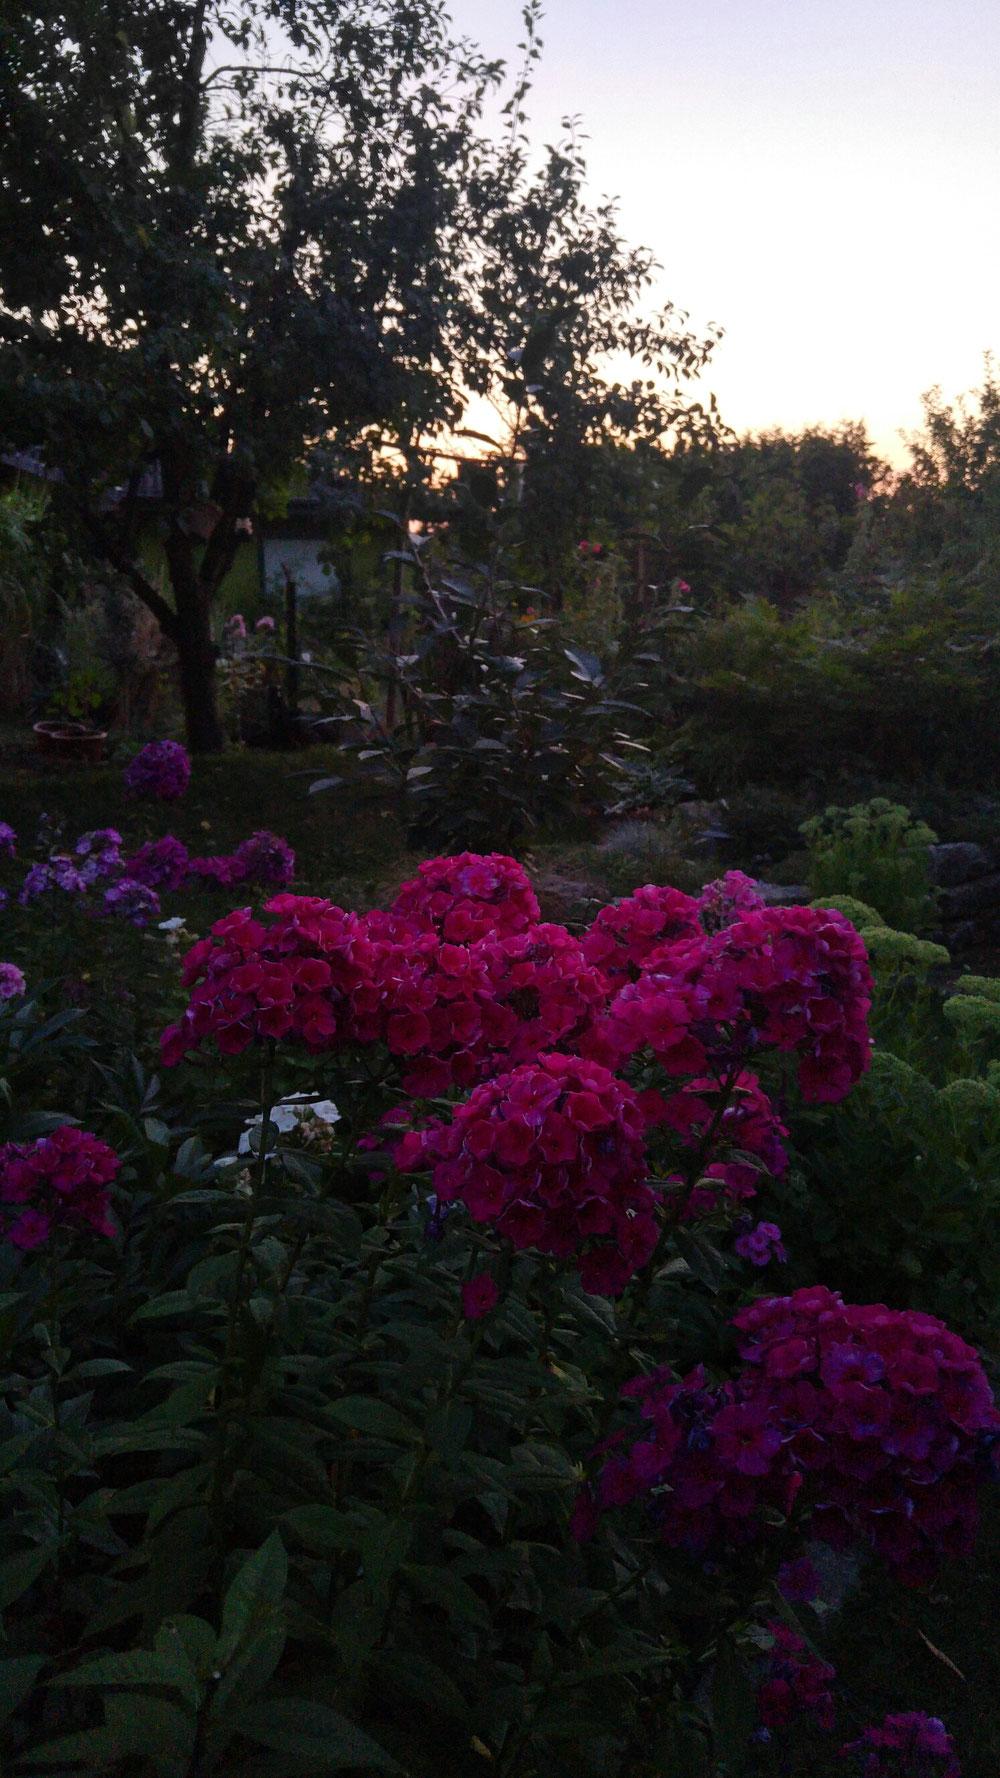 Pink Noname Hero strahlt am hellsten, wenn es dunkel ist 😉: Dann nämlich sind seine hitze- und pladdergusszerfledderten Blütenblätter nicht so scharf zu erkennen, sondern nur seine wundervolle Farbe!